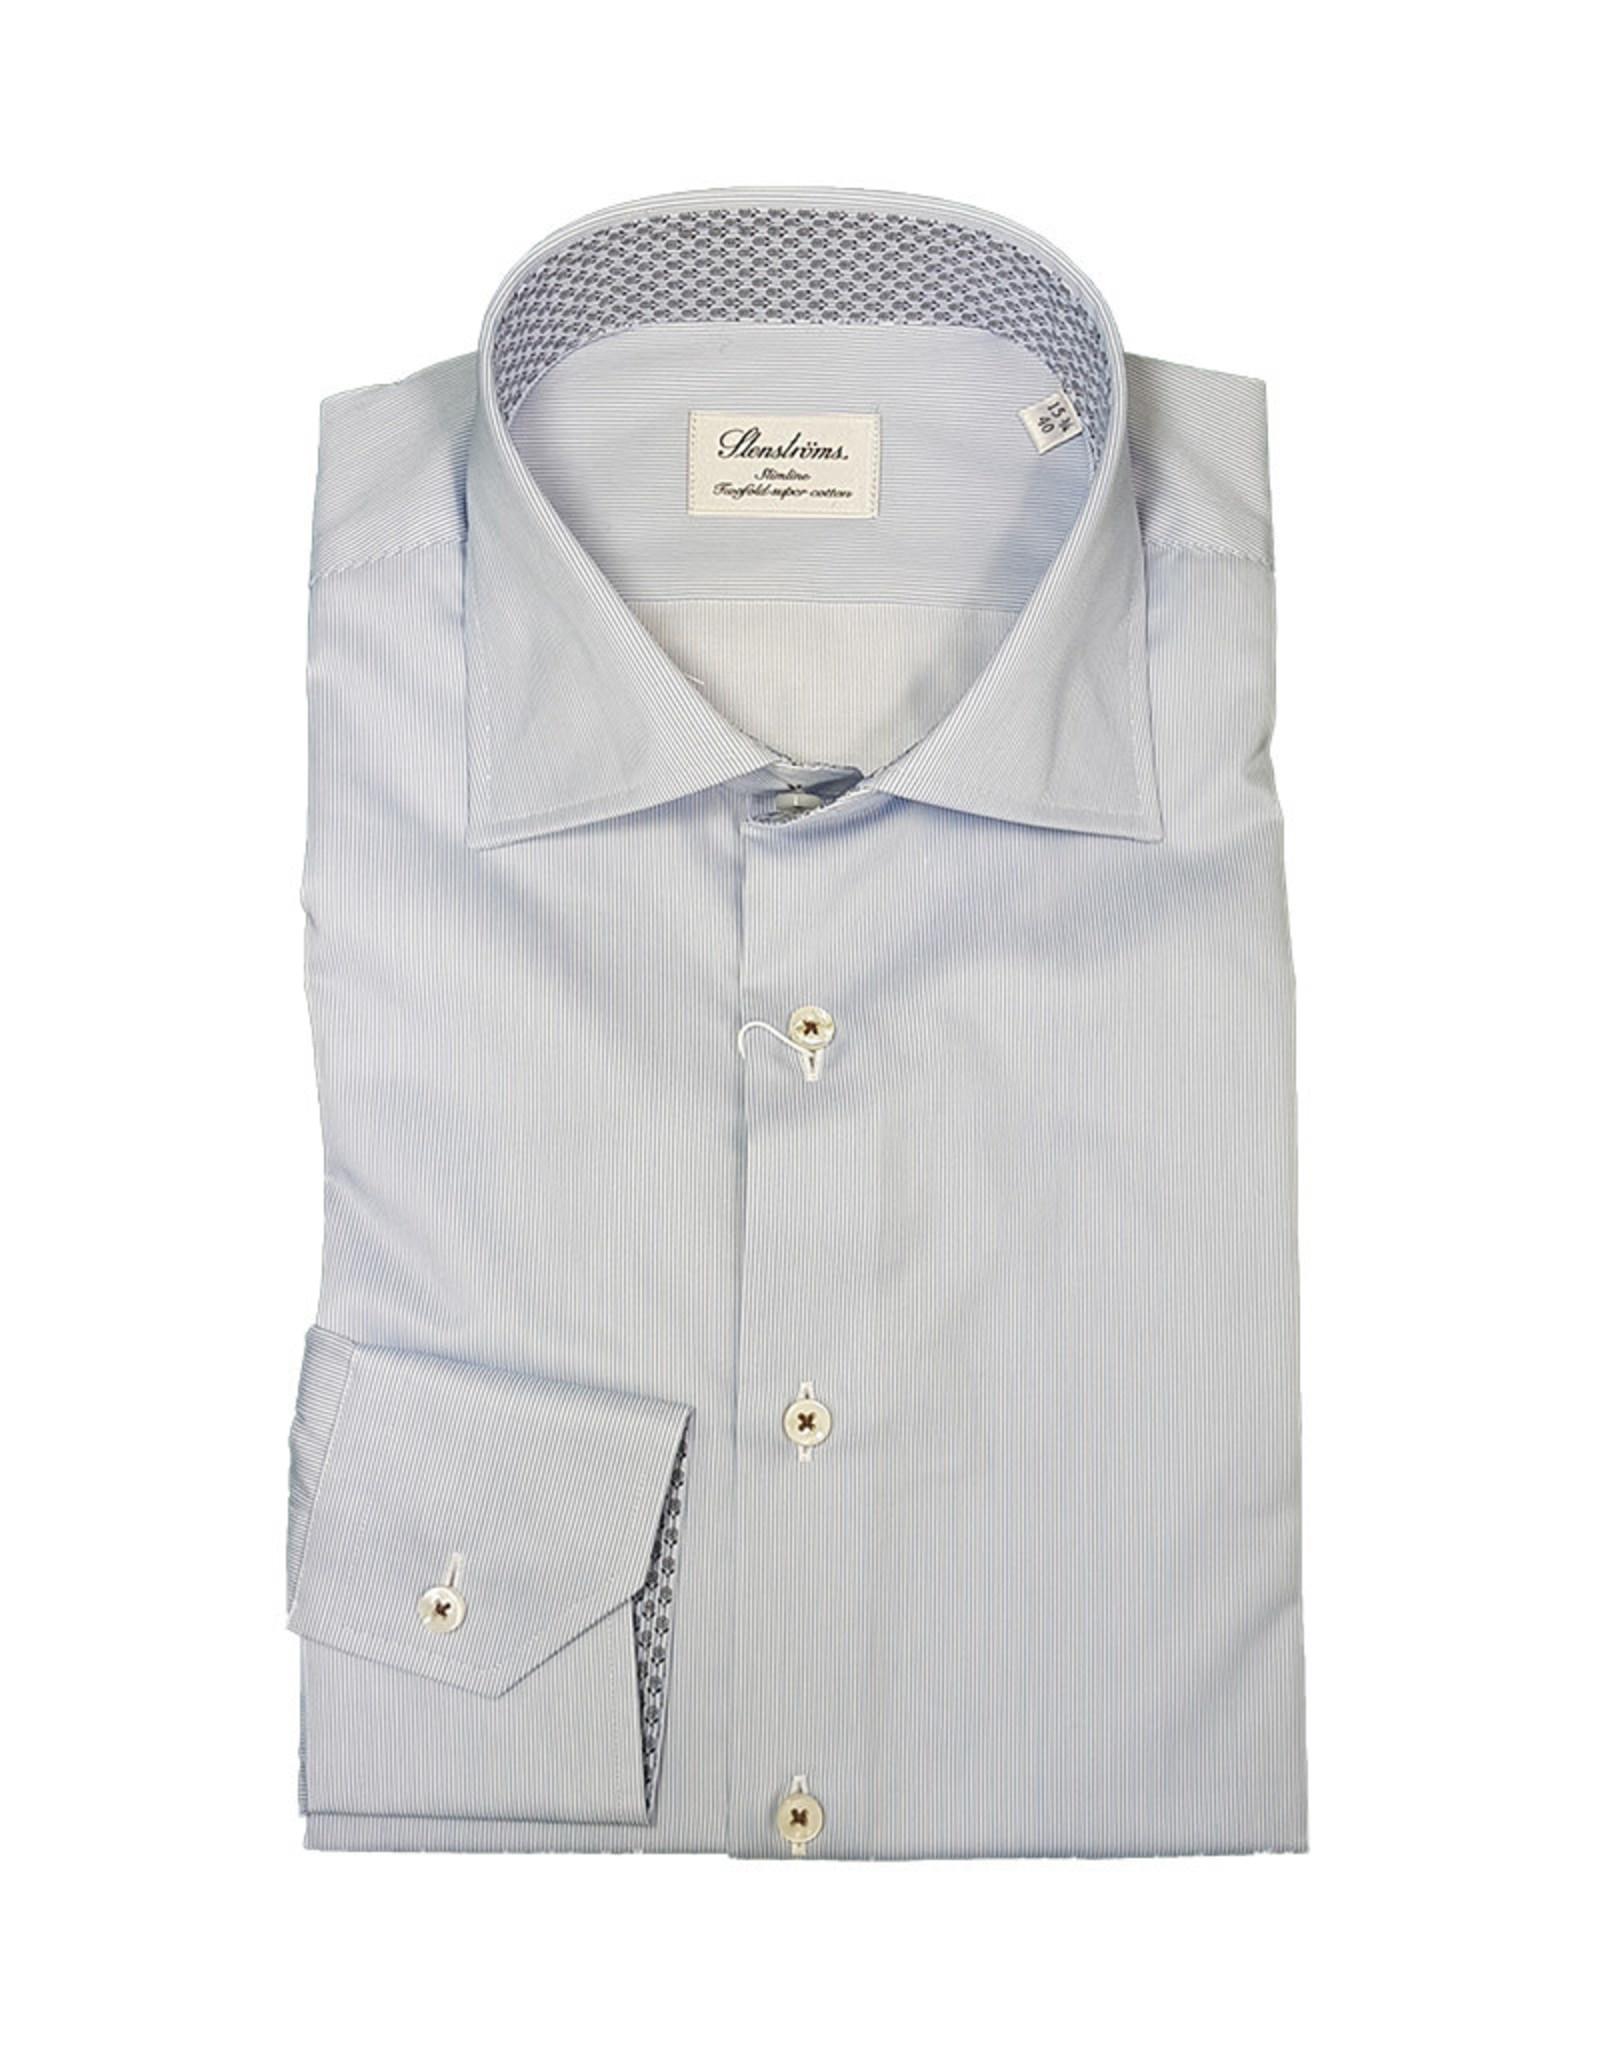 Stenströms Stenströms hemd lichtblauw gestreept Slimline 785771-1287